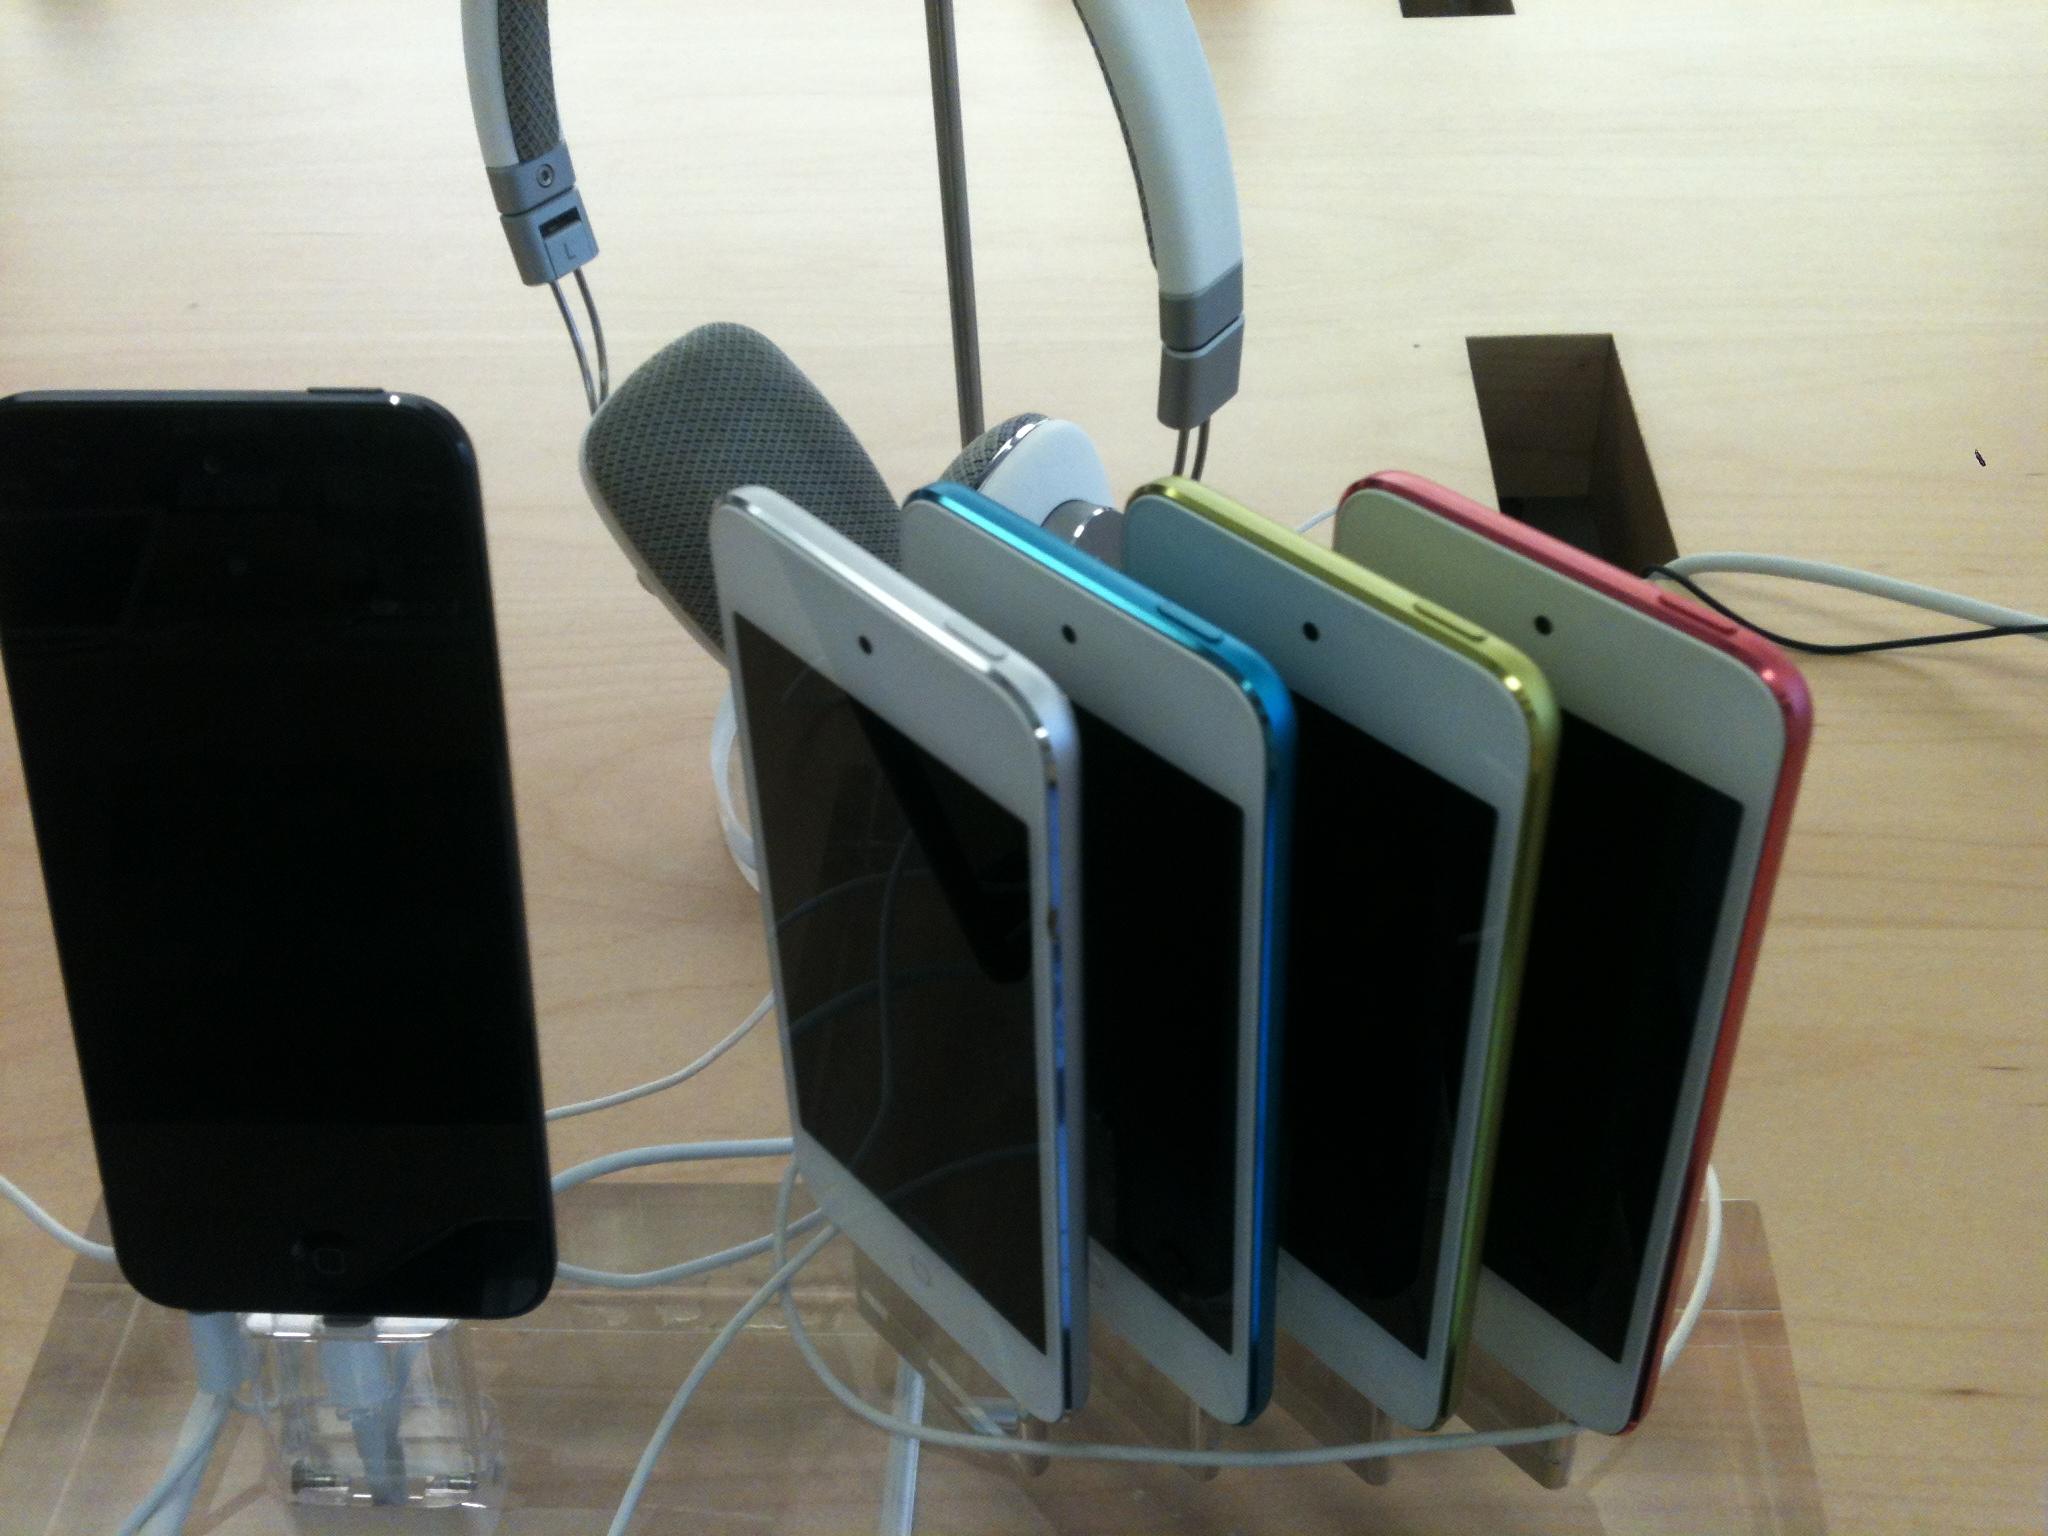 애플 뉴 아이팟 터치 5세대, 나노 7세대, 셔플 8세..